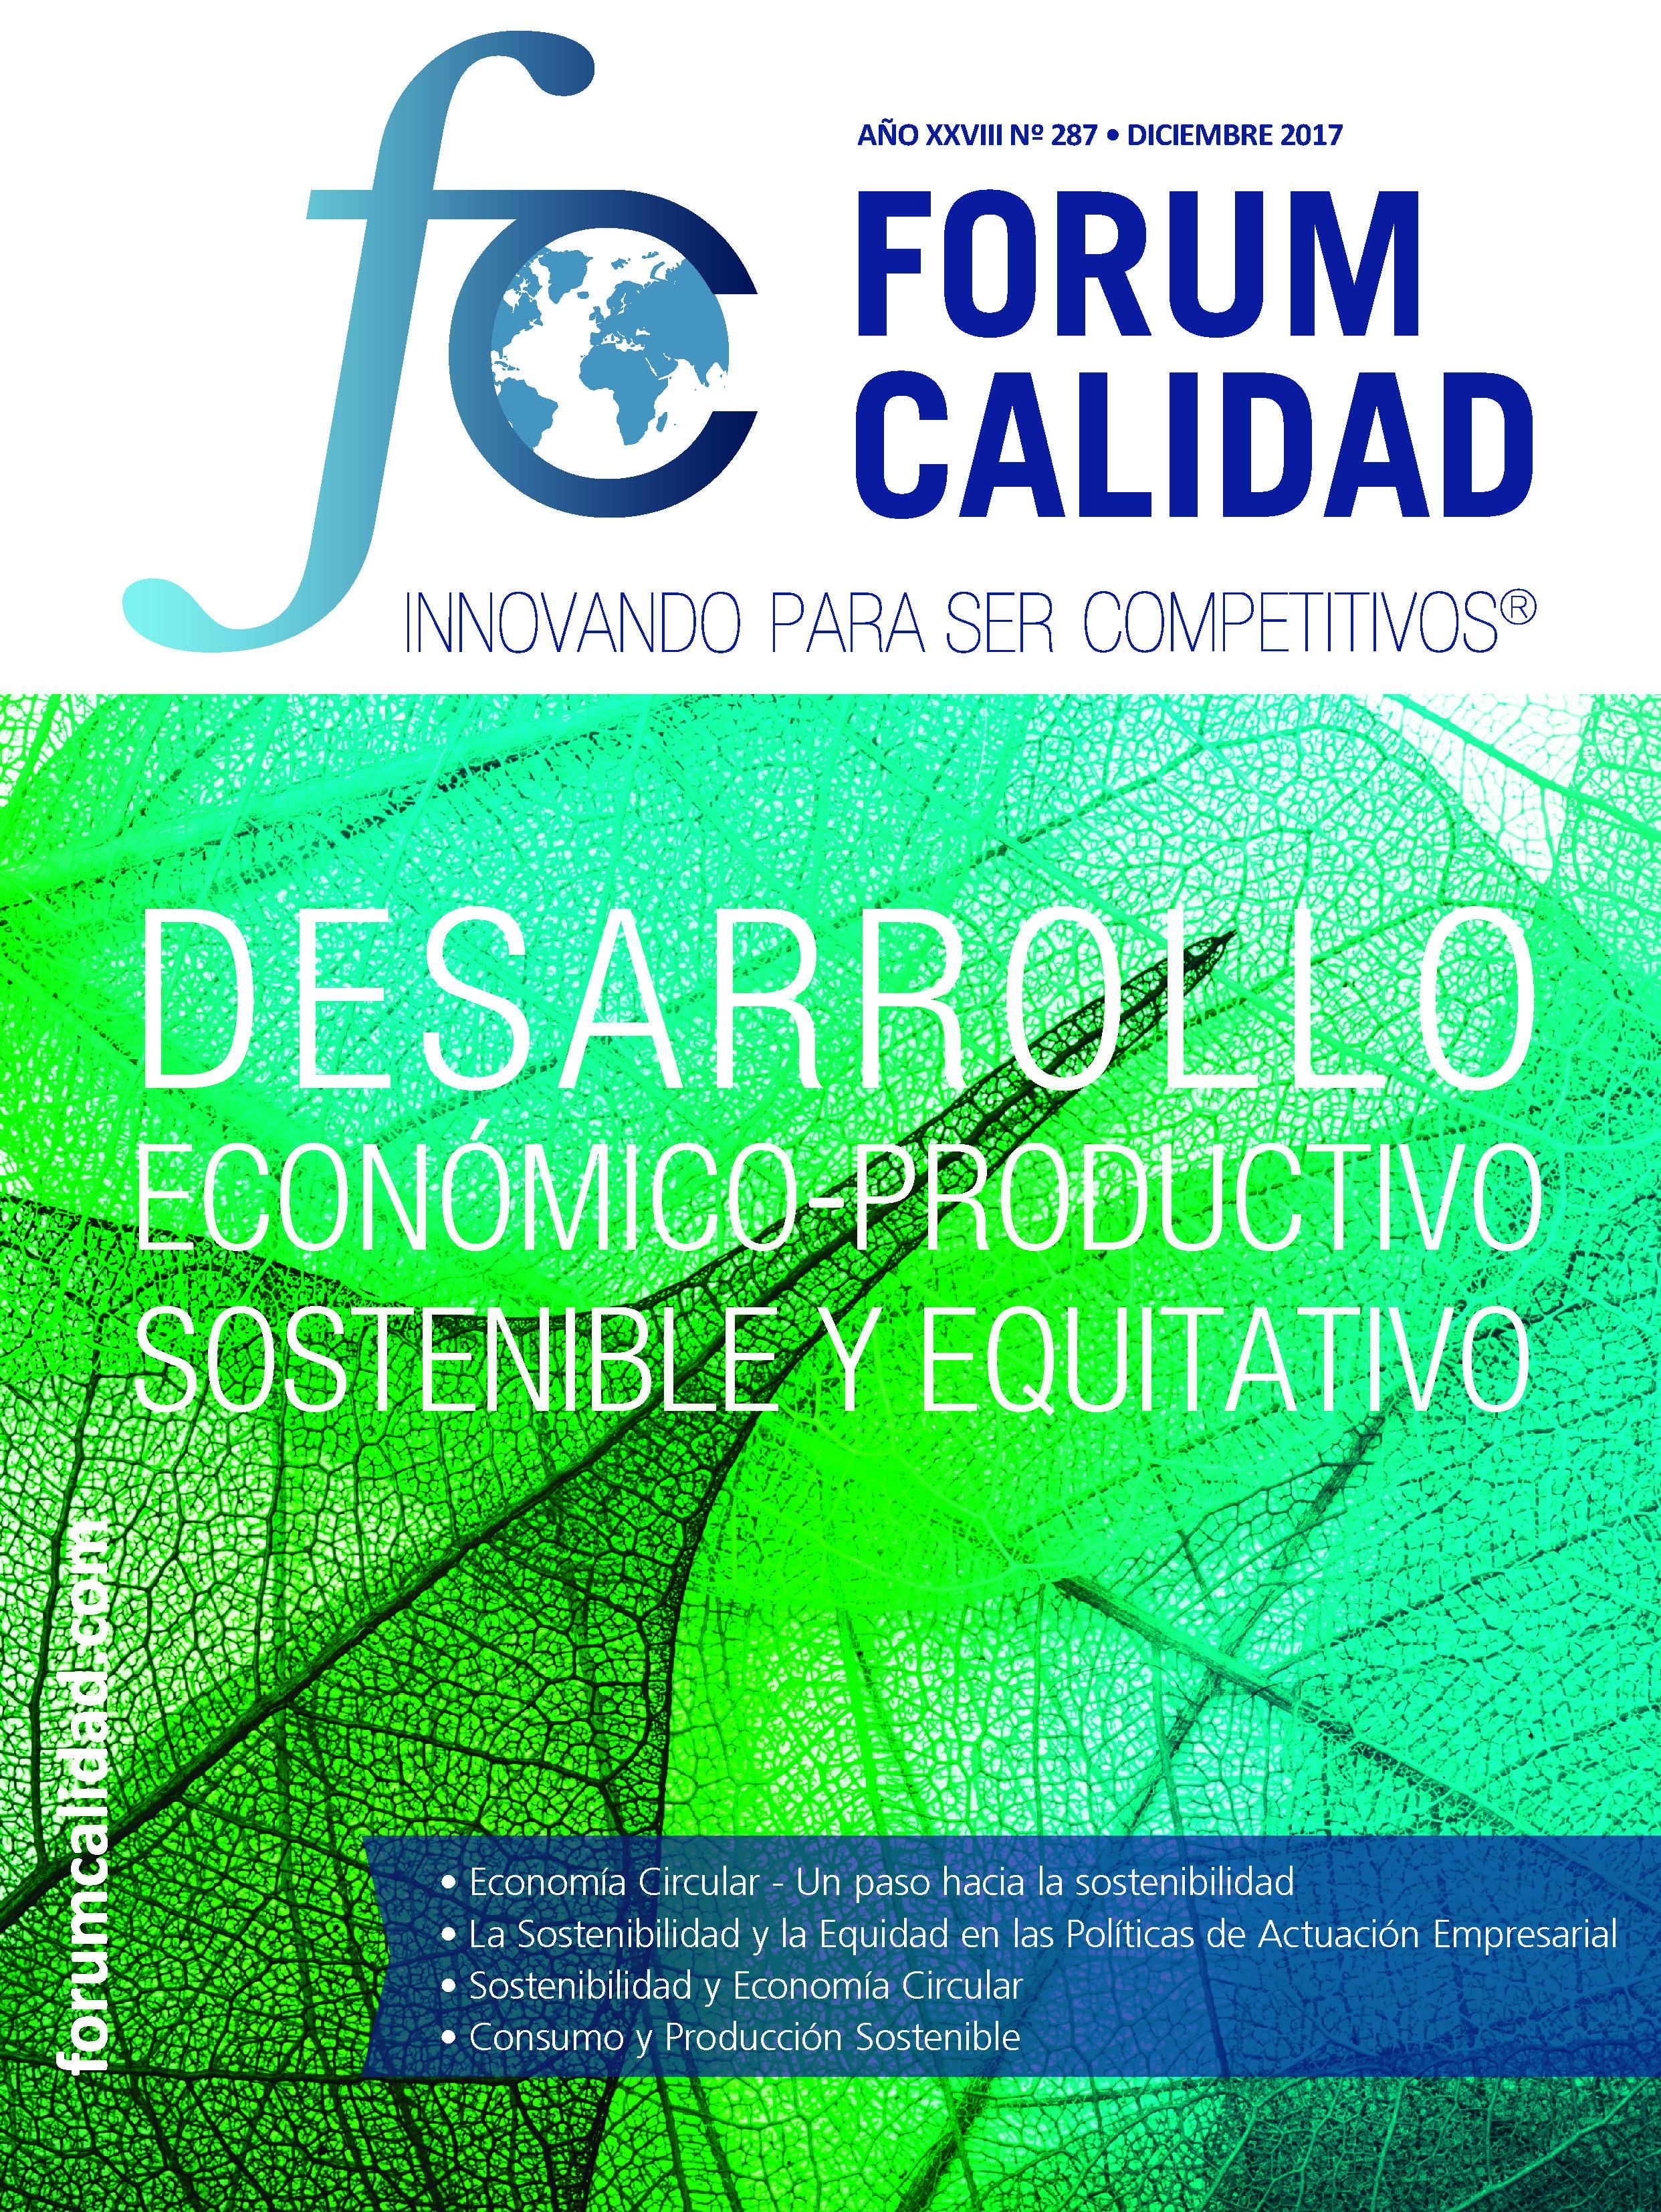 Forum Calidad nº 287 Diciembre 2017